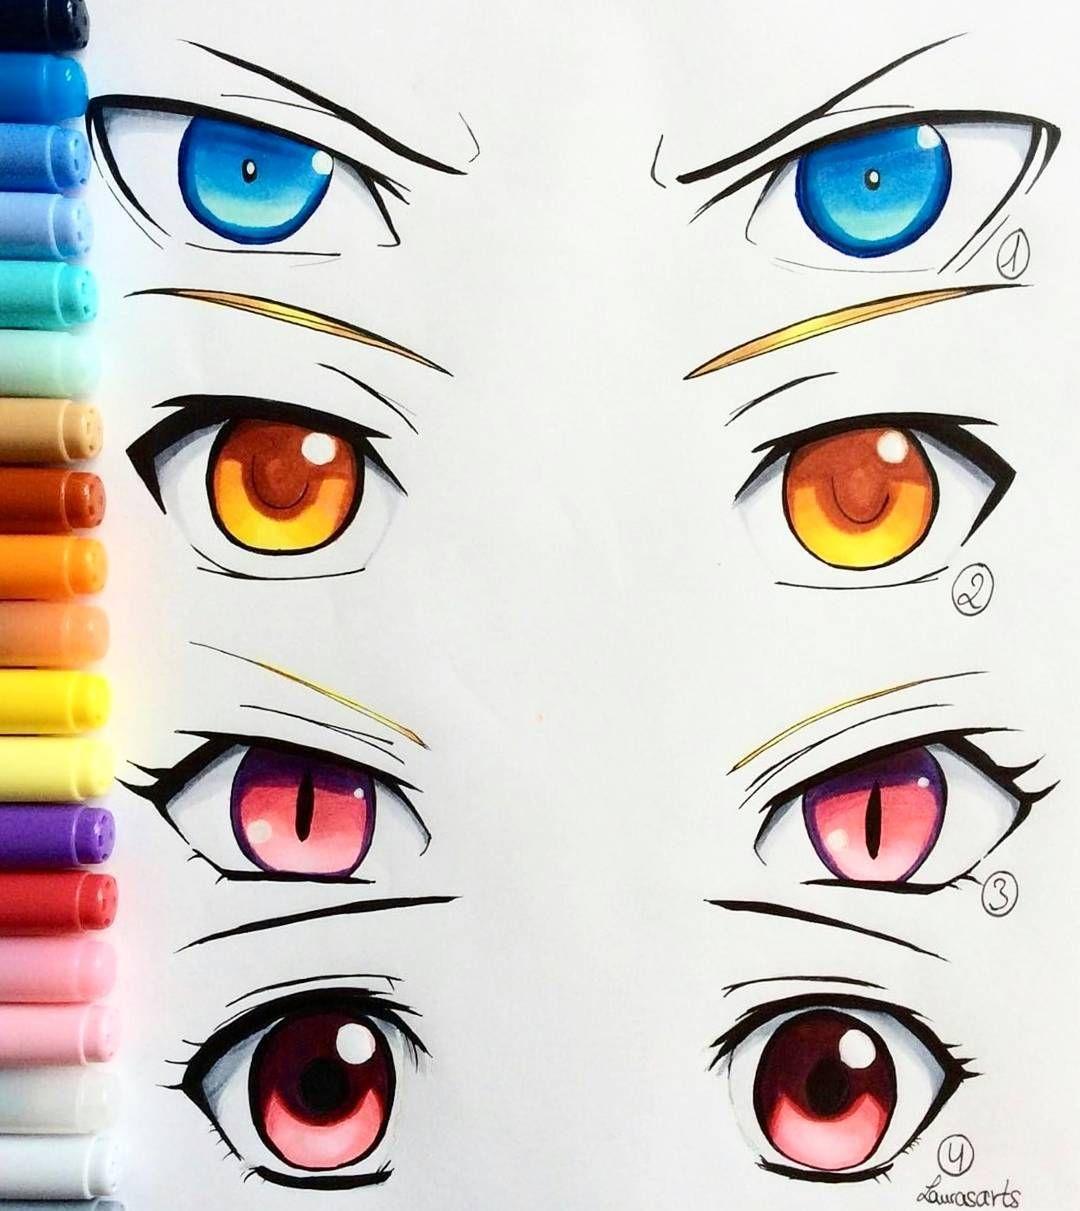 Zeichenvorlage (Mit Bildern) | Manga Augen Zeichnen, Anime ganzes Manga Zeichenvorlagen